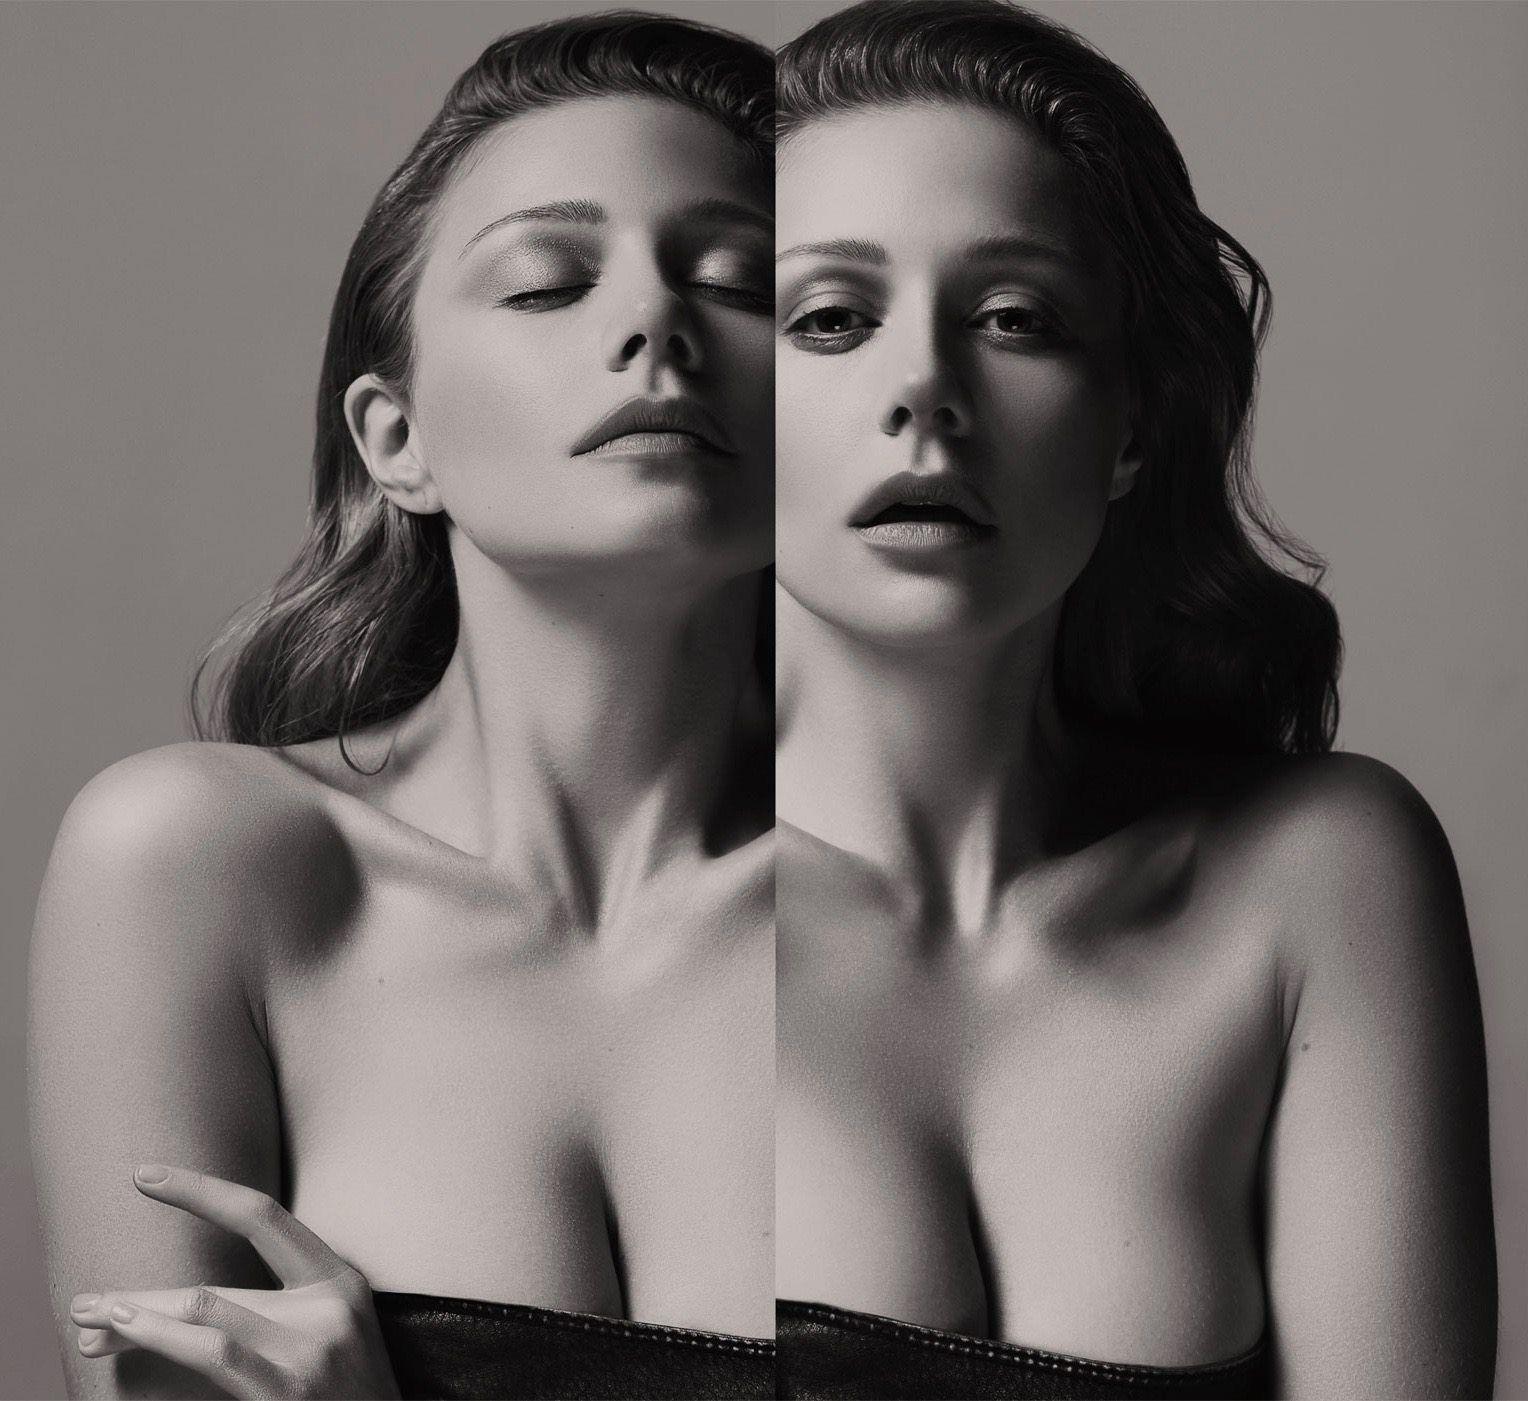 Тіна Кароль презентувала новий альбом «Інтонації»: 13 чуттєвих пісень